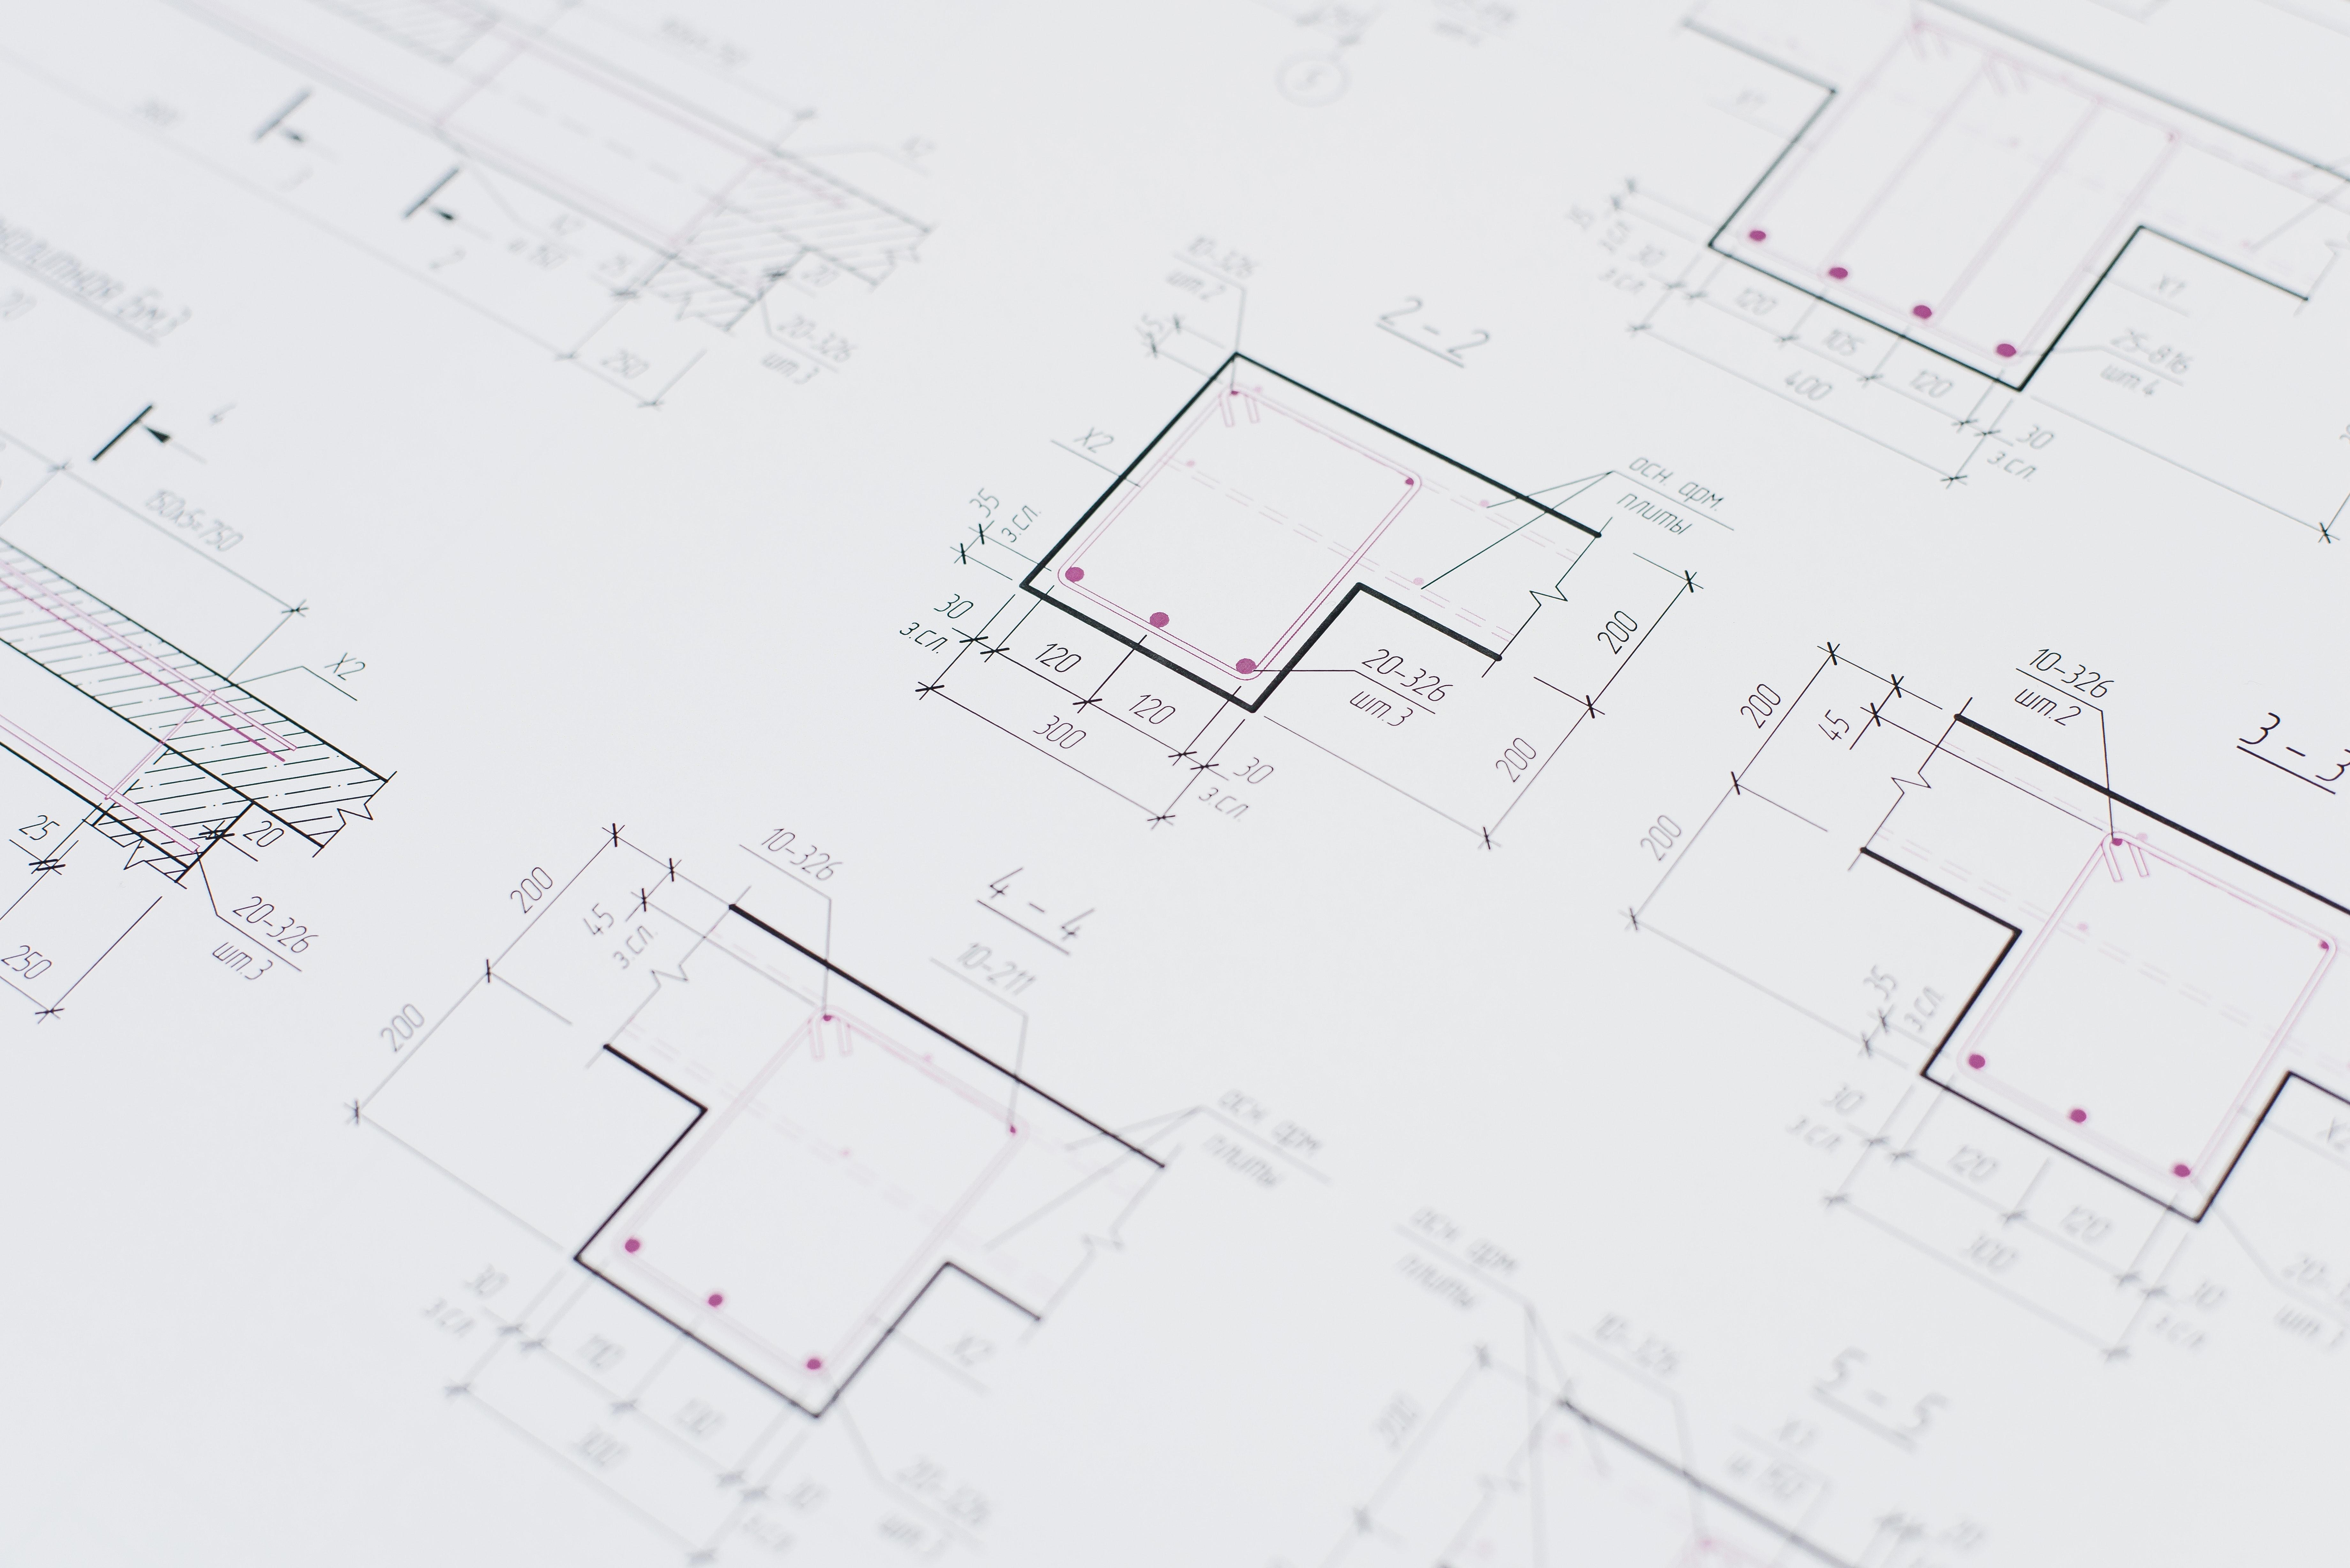 projeto e materiais construção